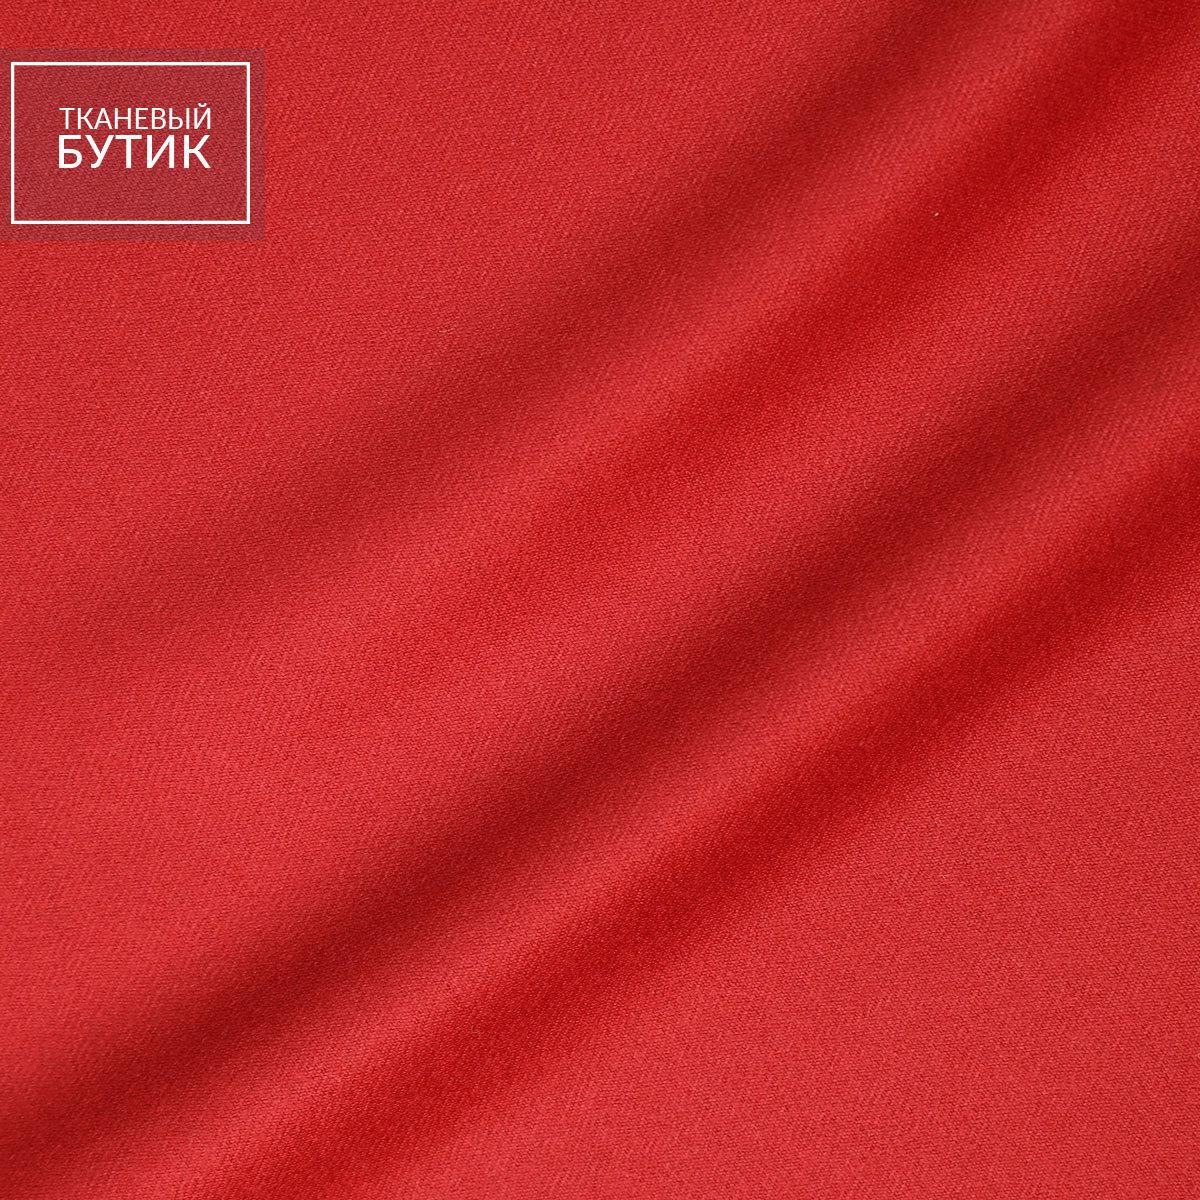 Красная чистошерстяная костюмная фланель с легким начесом